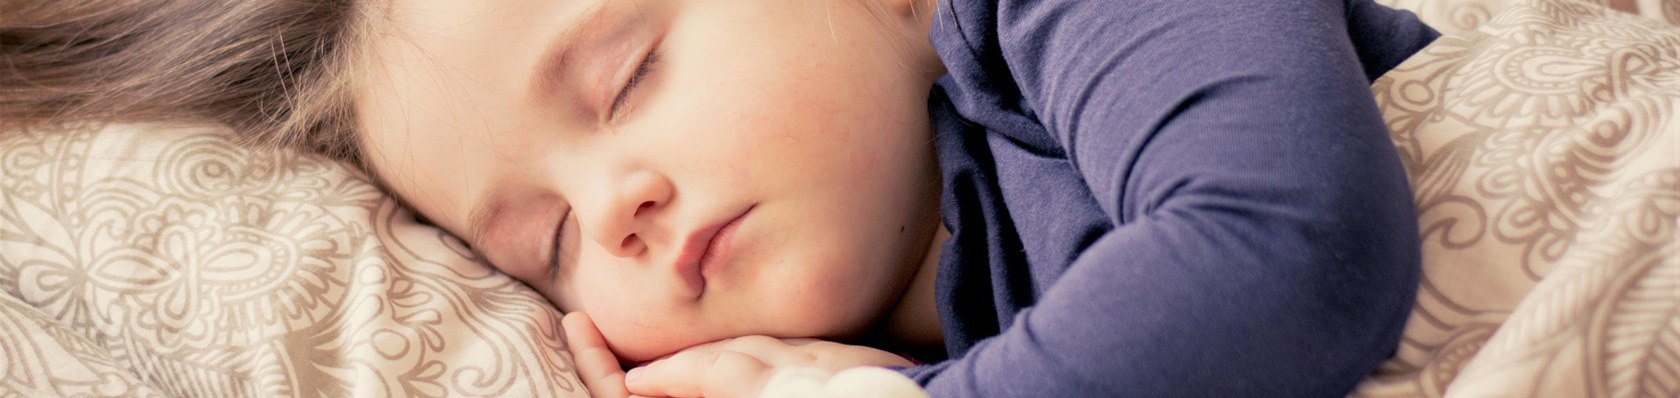 Babymatratzen im Test auf ExpertenTesten.de